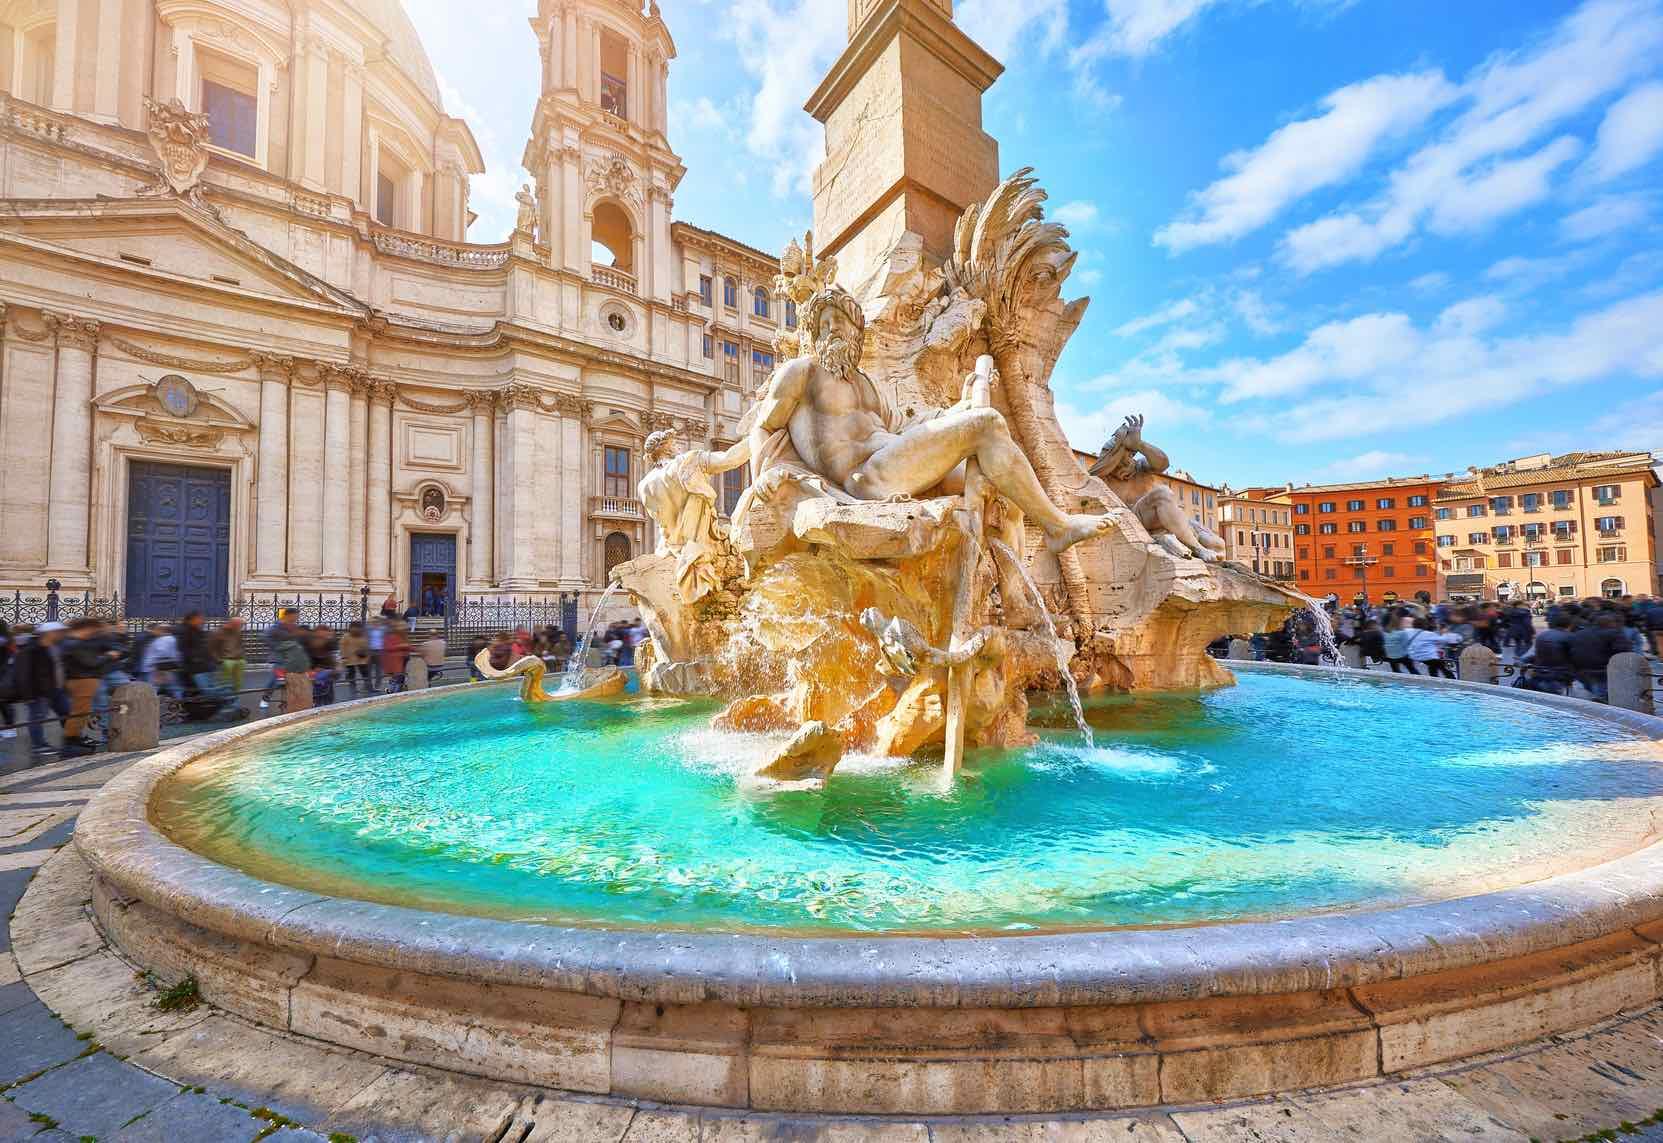 Fontana dei Quattro Fiumi fountains in Rome